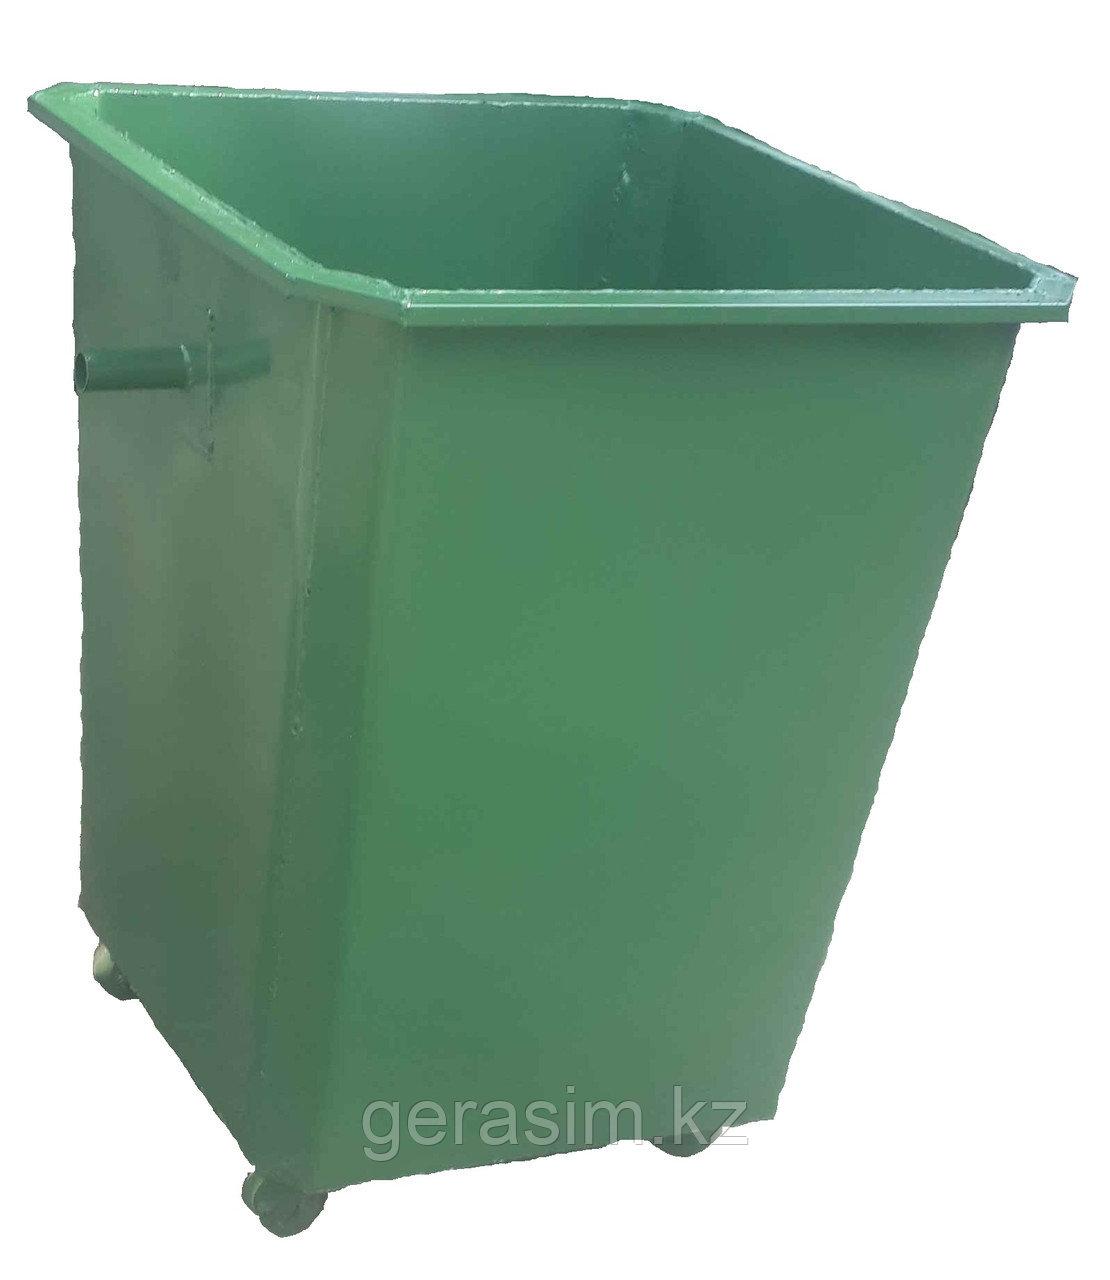 Мусорные контейнеры 0,75 куб. для задней погрузки на колесах (НДС 12% в т.ч.)